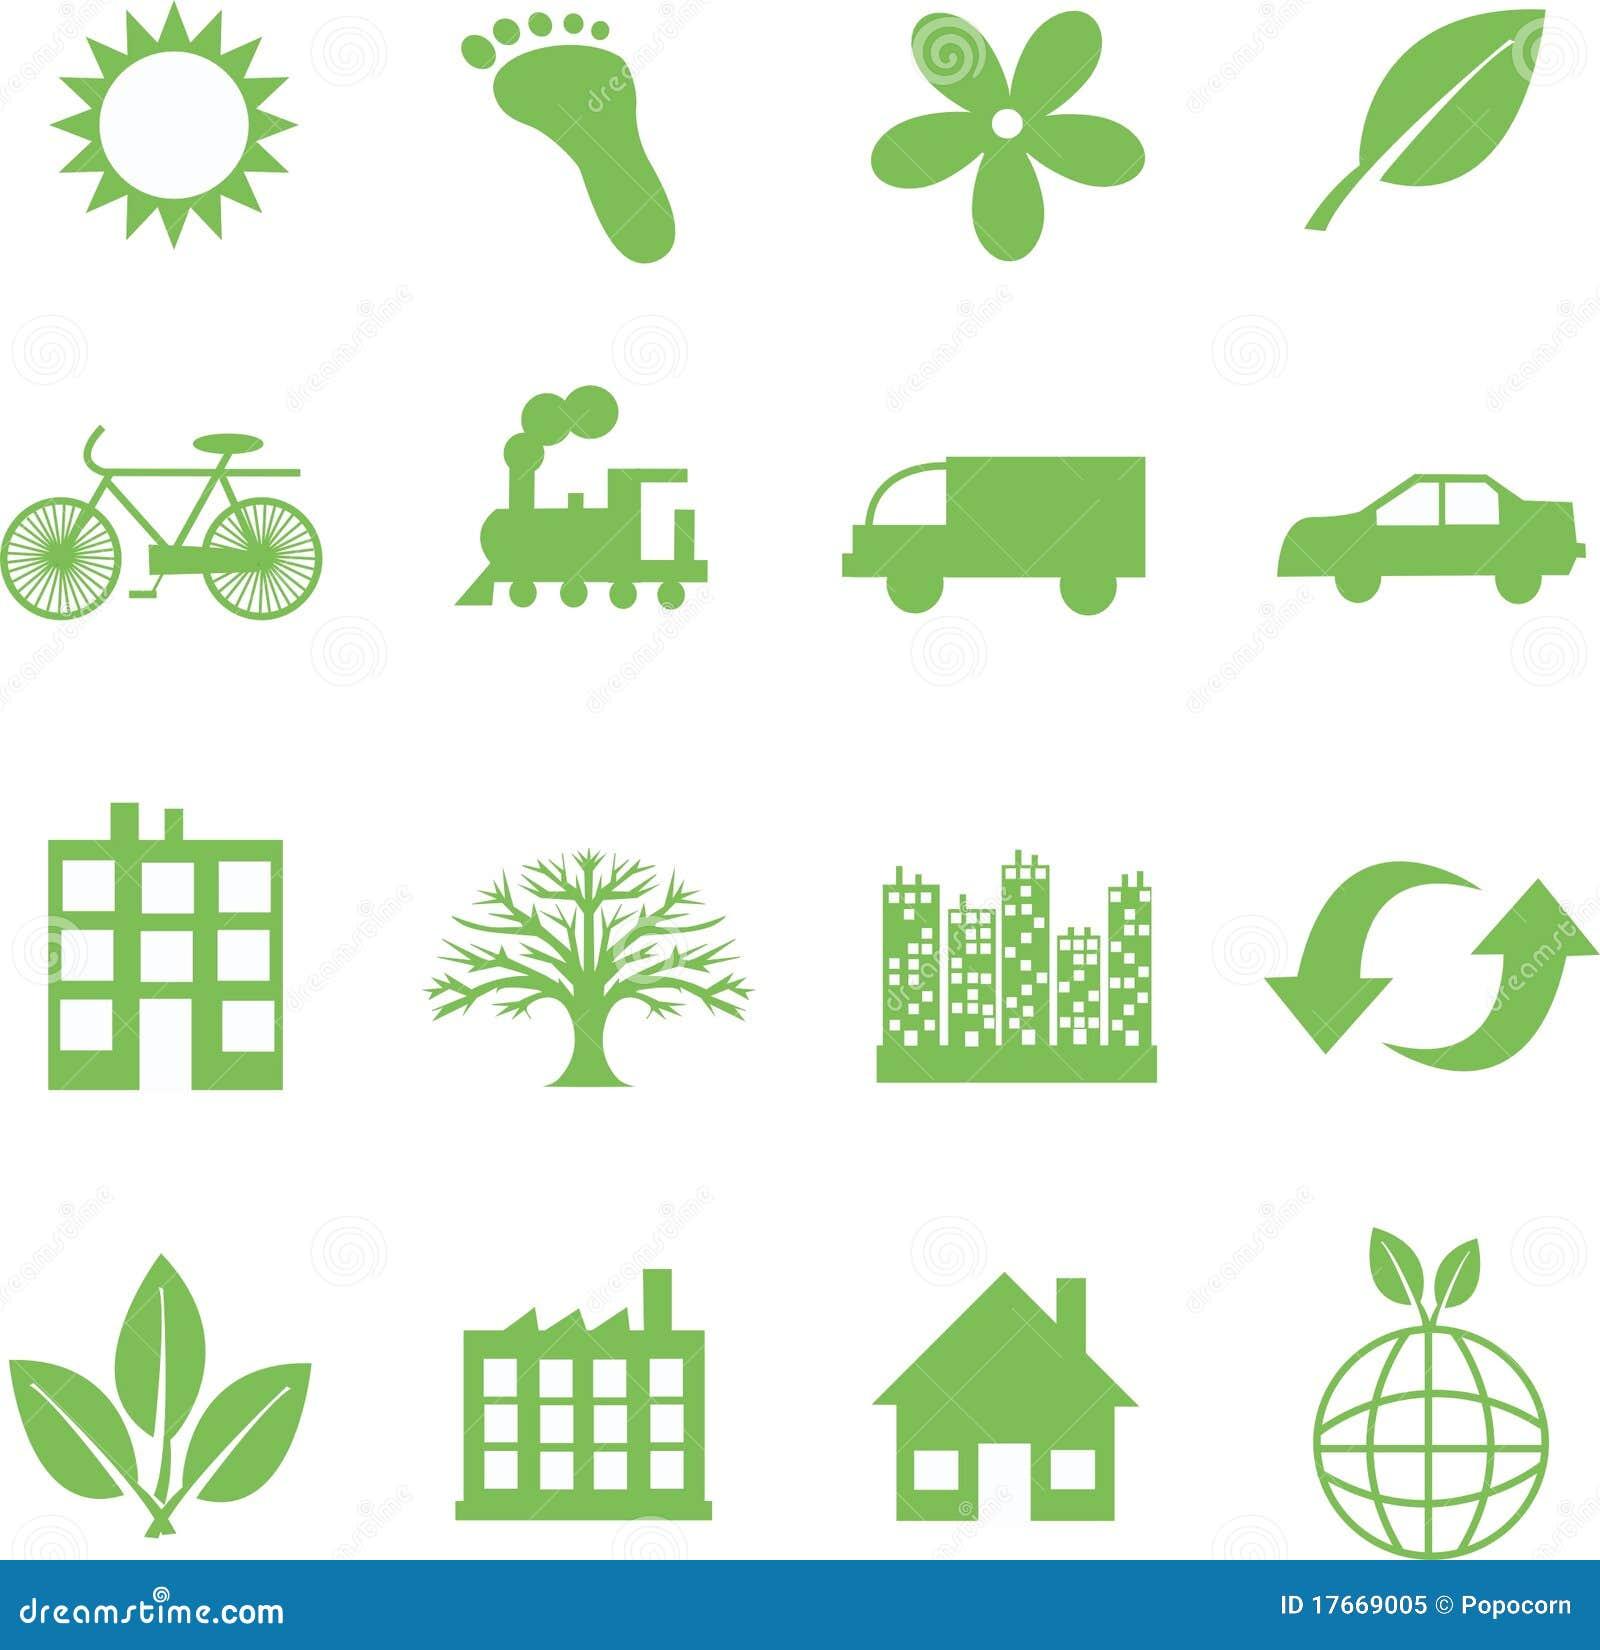 Green Ecology Symbols Royalty Free Stock Photo Image